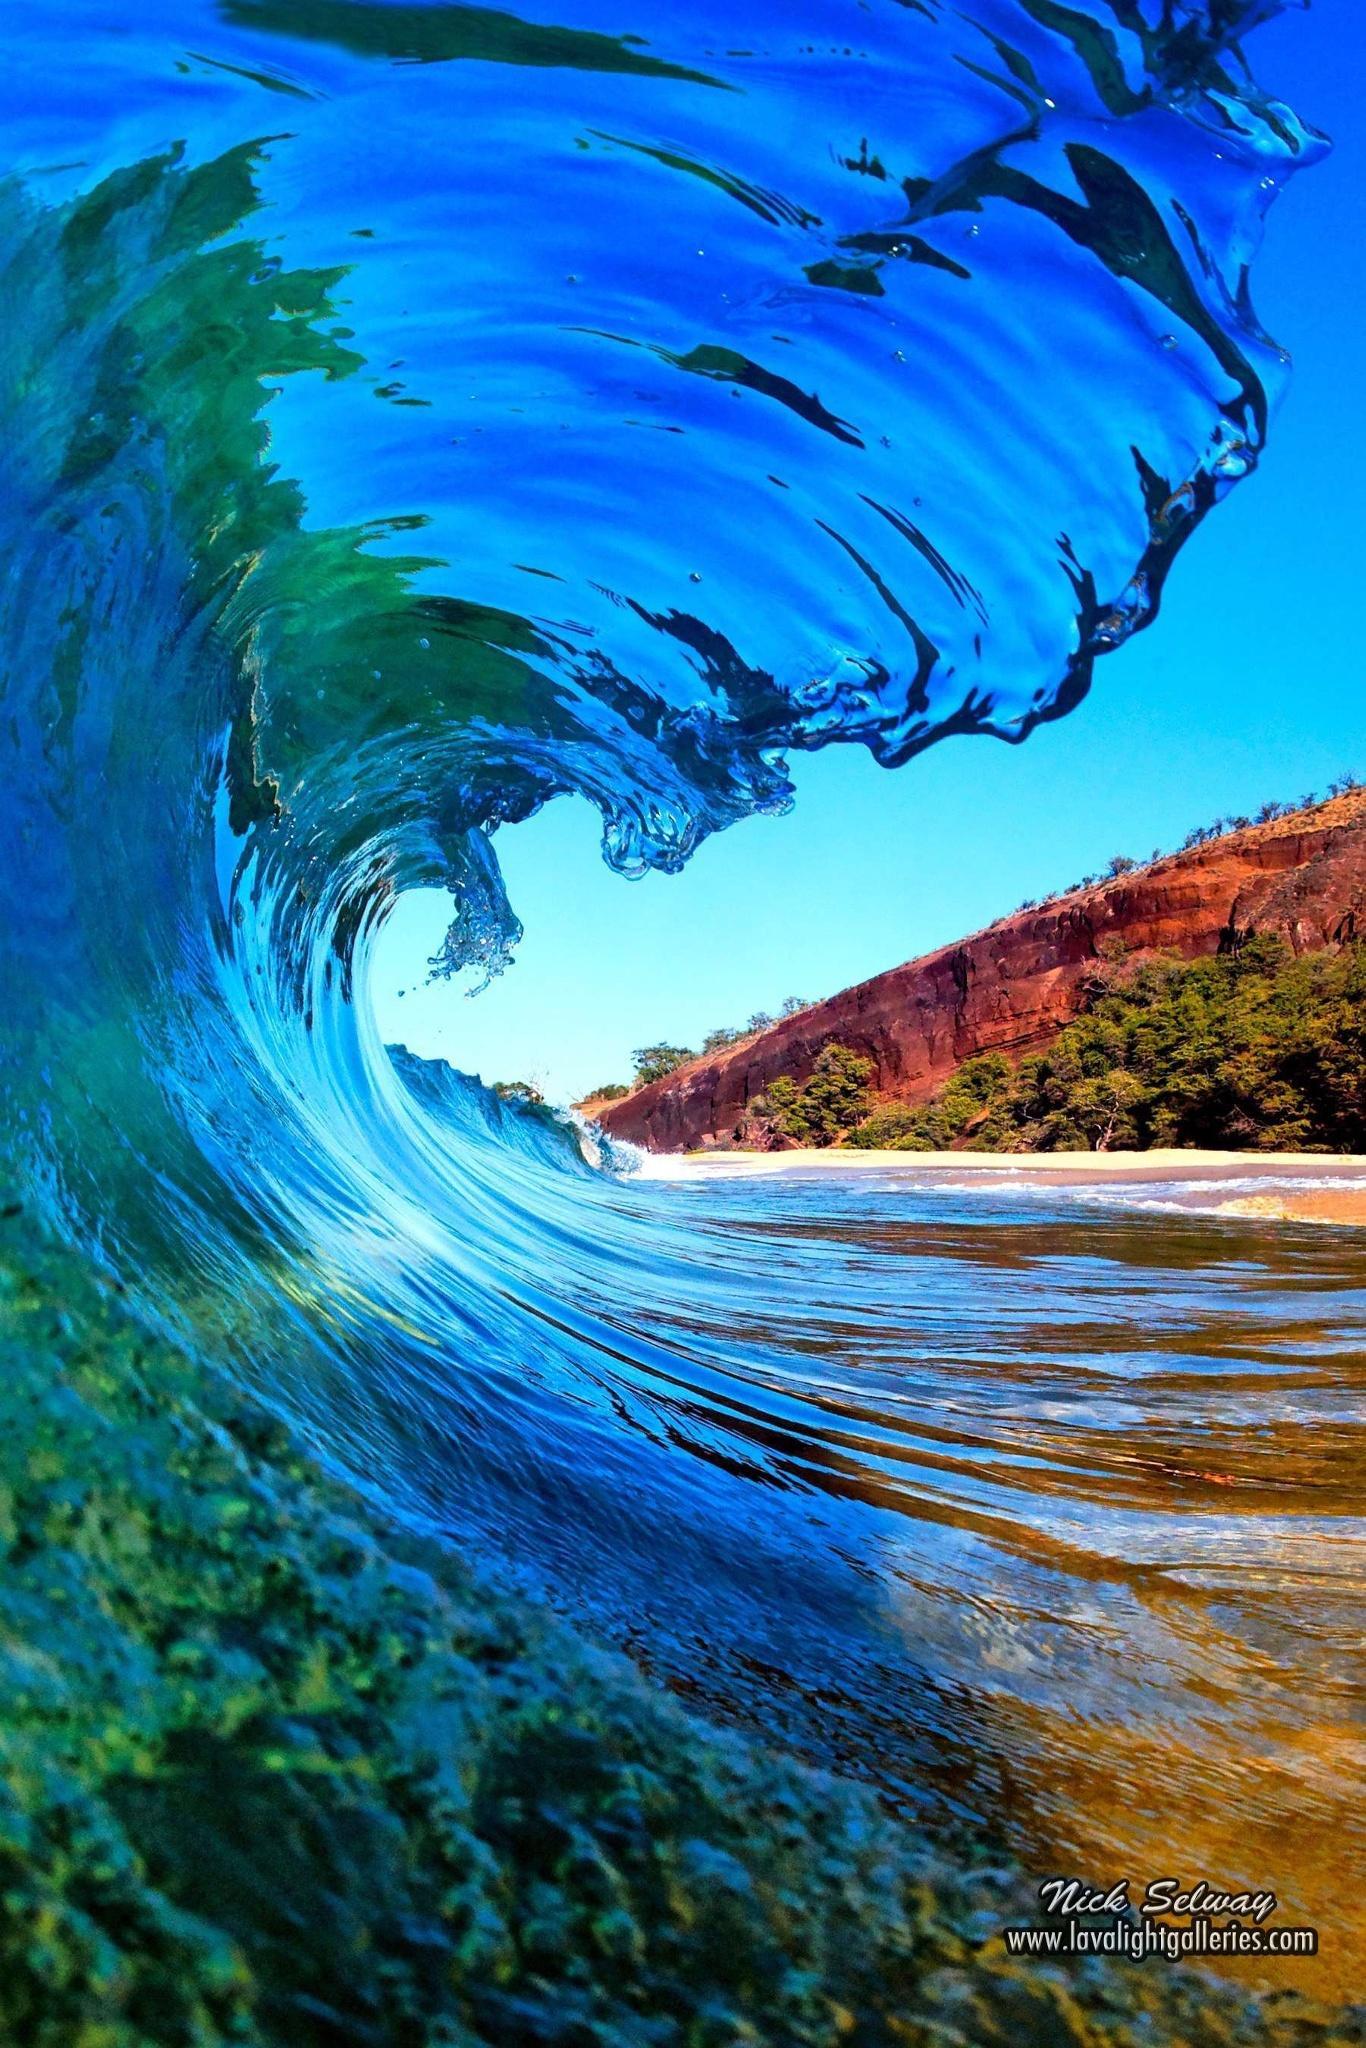 Wave Water Nature Travel Ocean Sea Outdoors Underwater - Hawaii Waves - HD Wallpaper